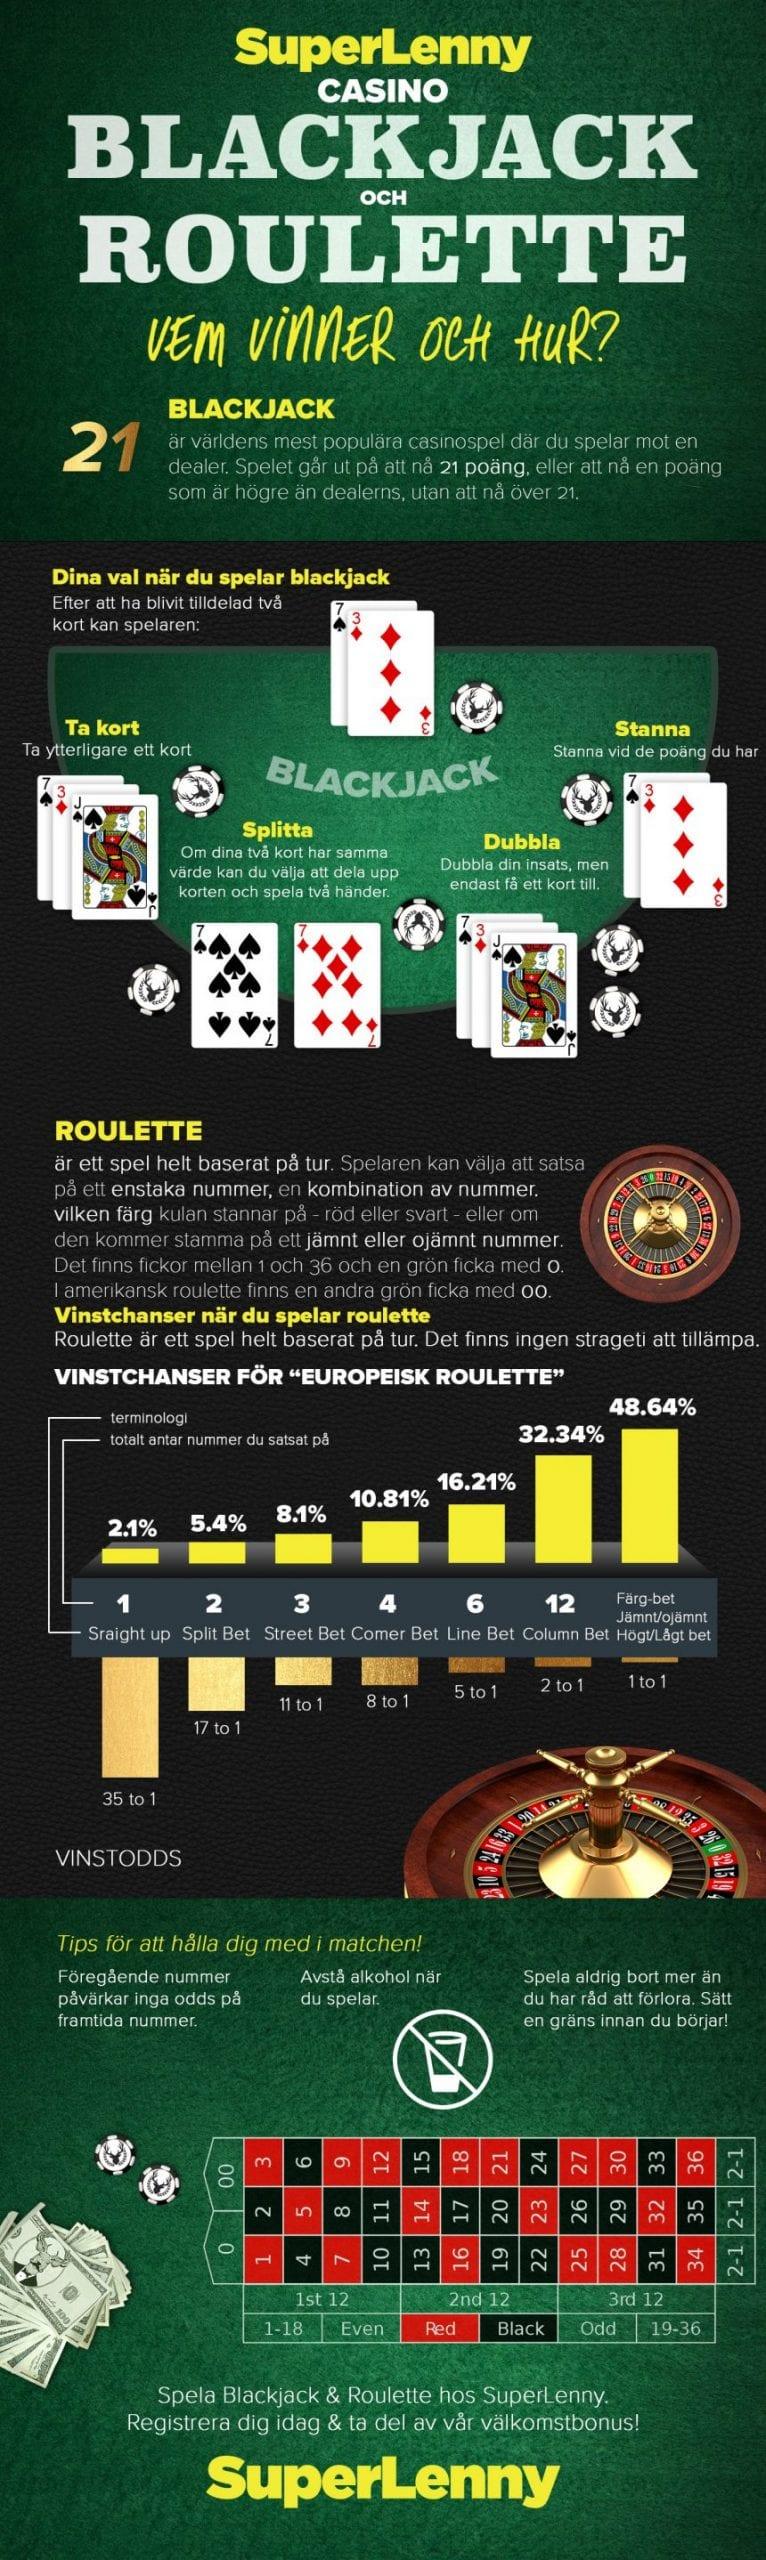 Casino utan omsättningskrav - 50013